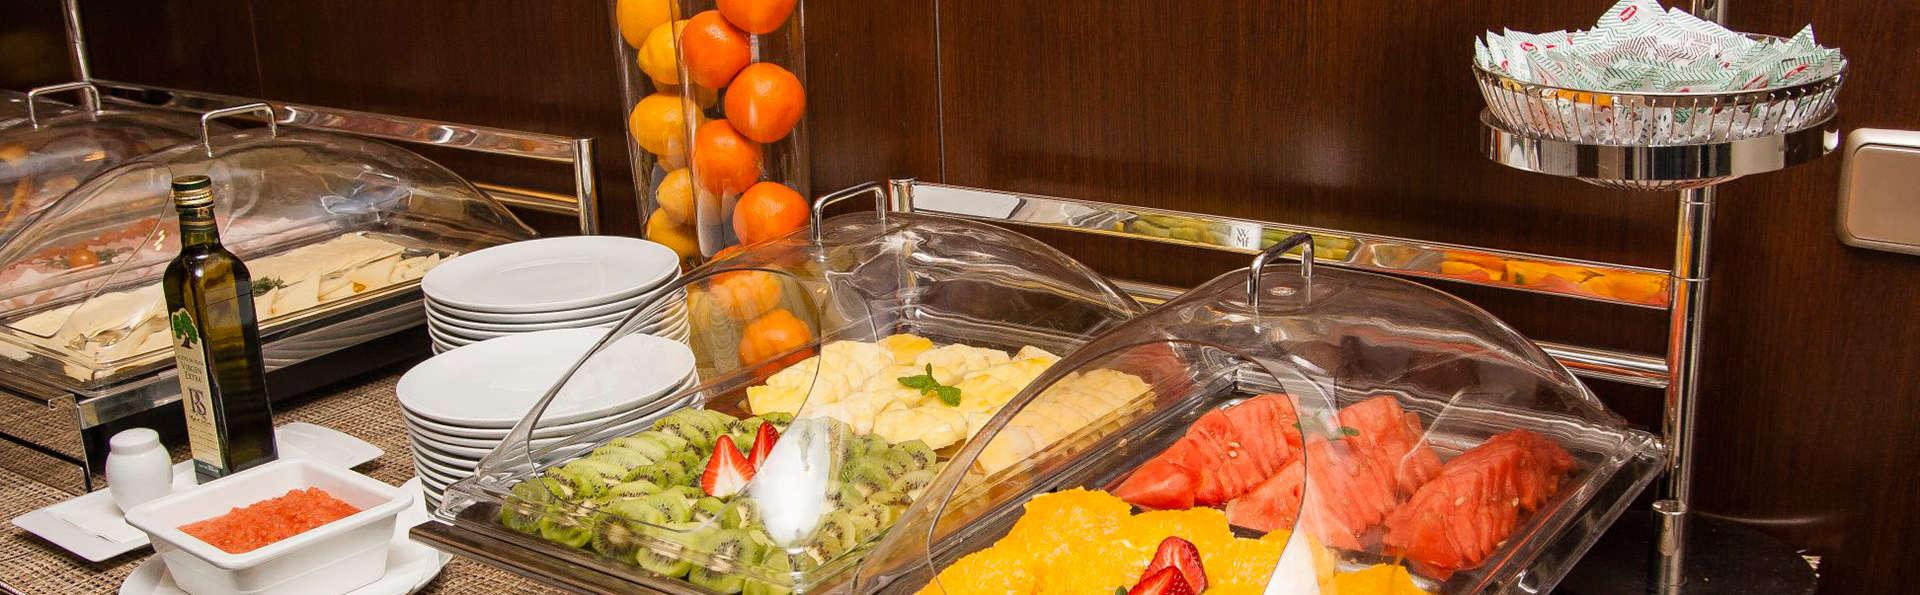 Gran hotel attica21 las rozas hotel las rozas de madrid - Relax las rozas ...